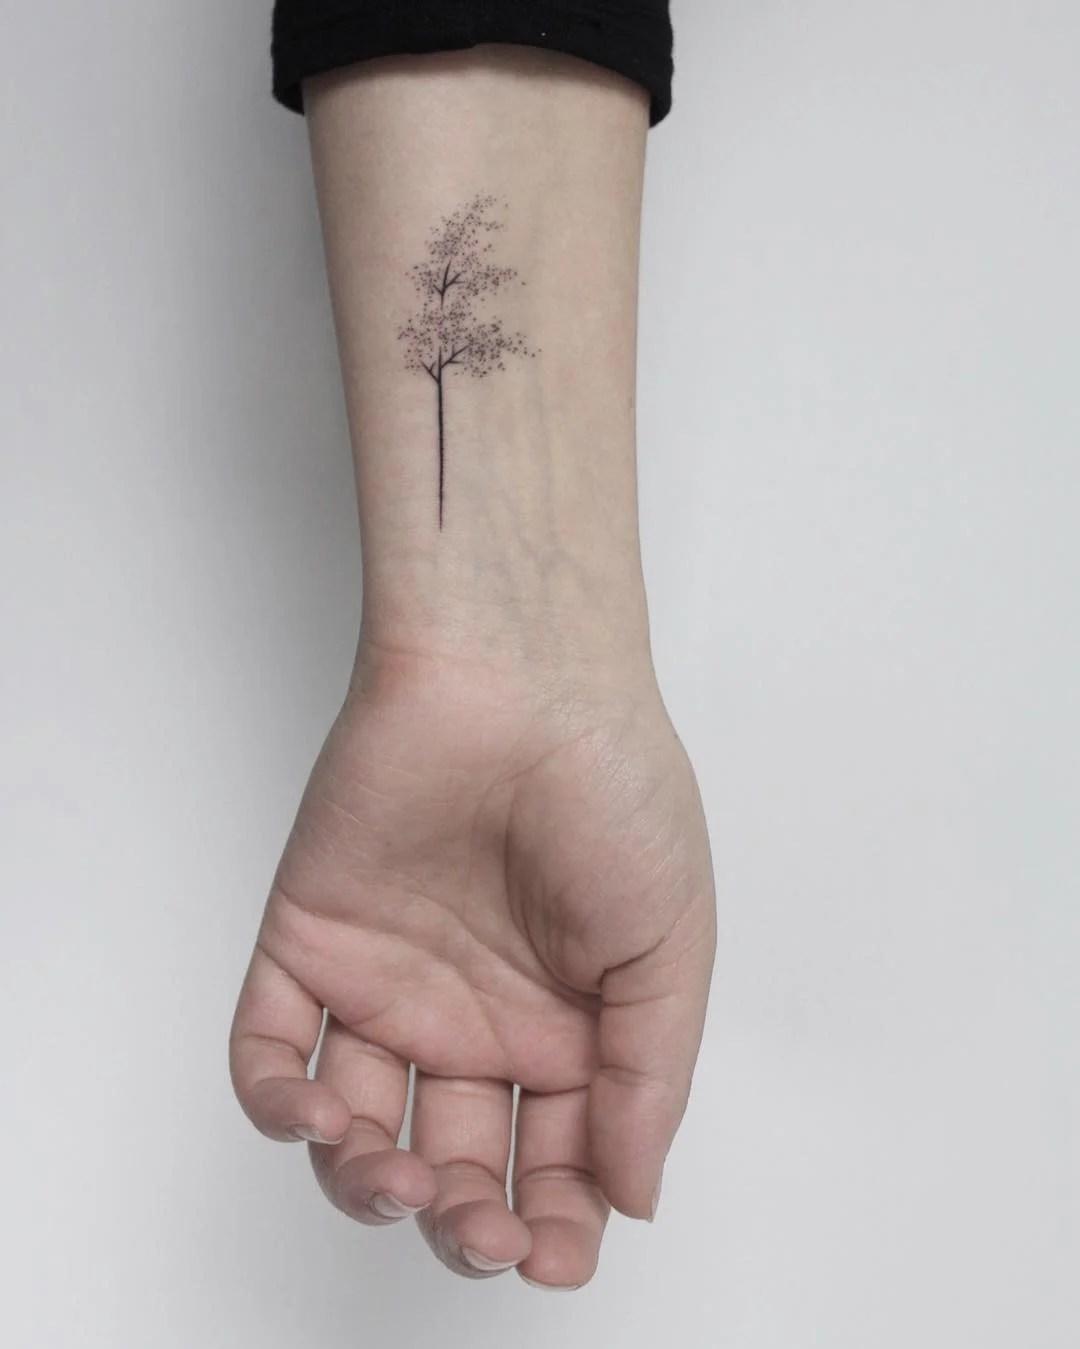 Las 10 Zonas Del Cuerpo Más Sensuales Para Tatuarse